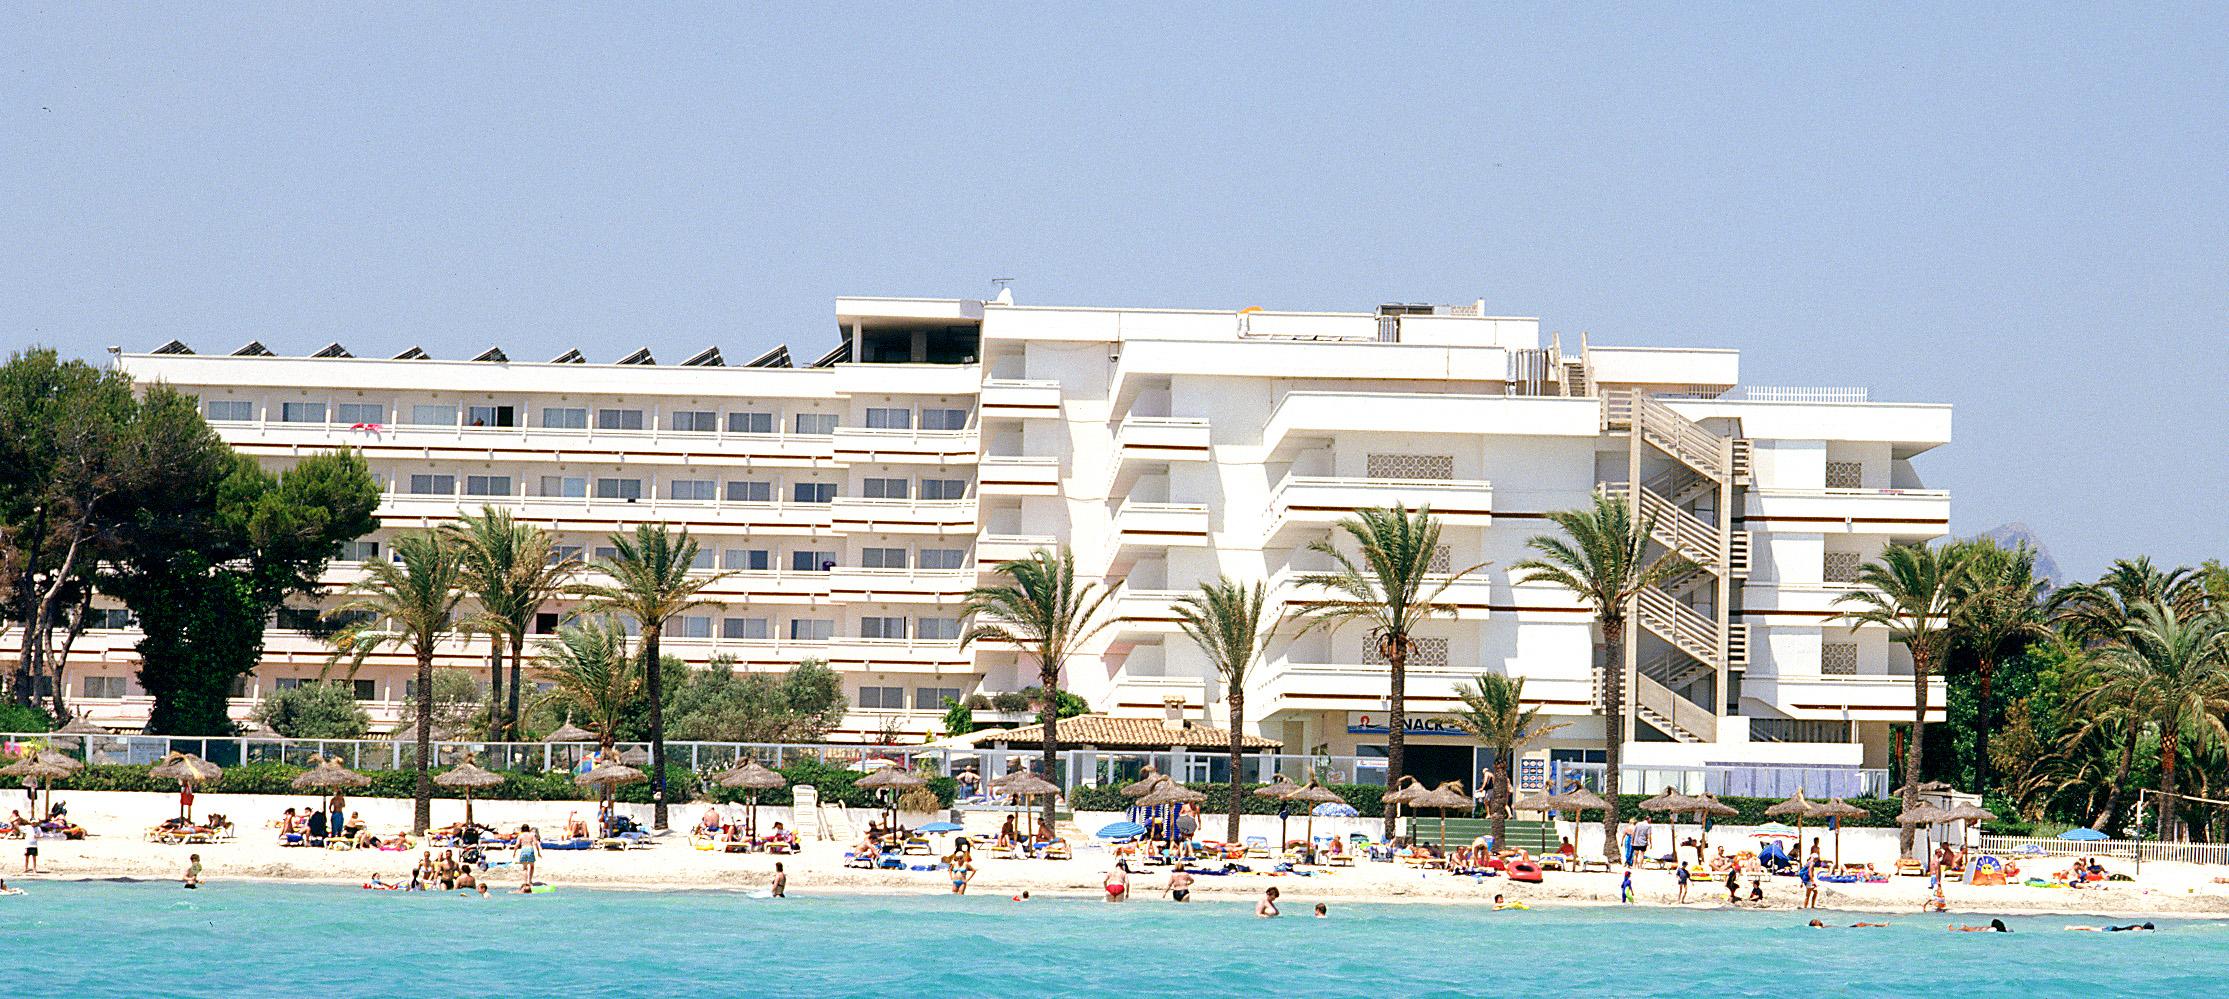 Hotel Condesa De La Bahia Mallorca Alcudia